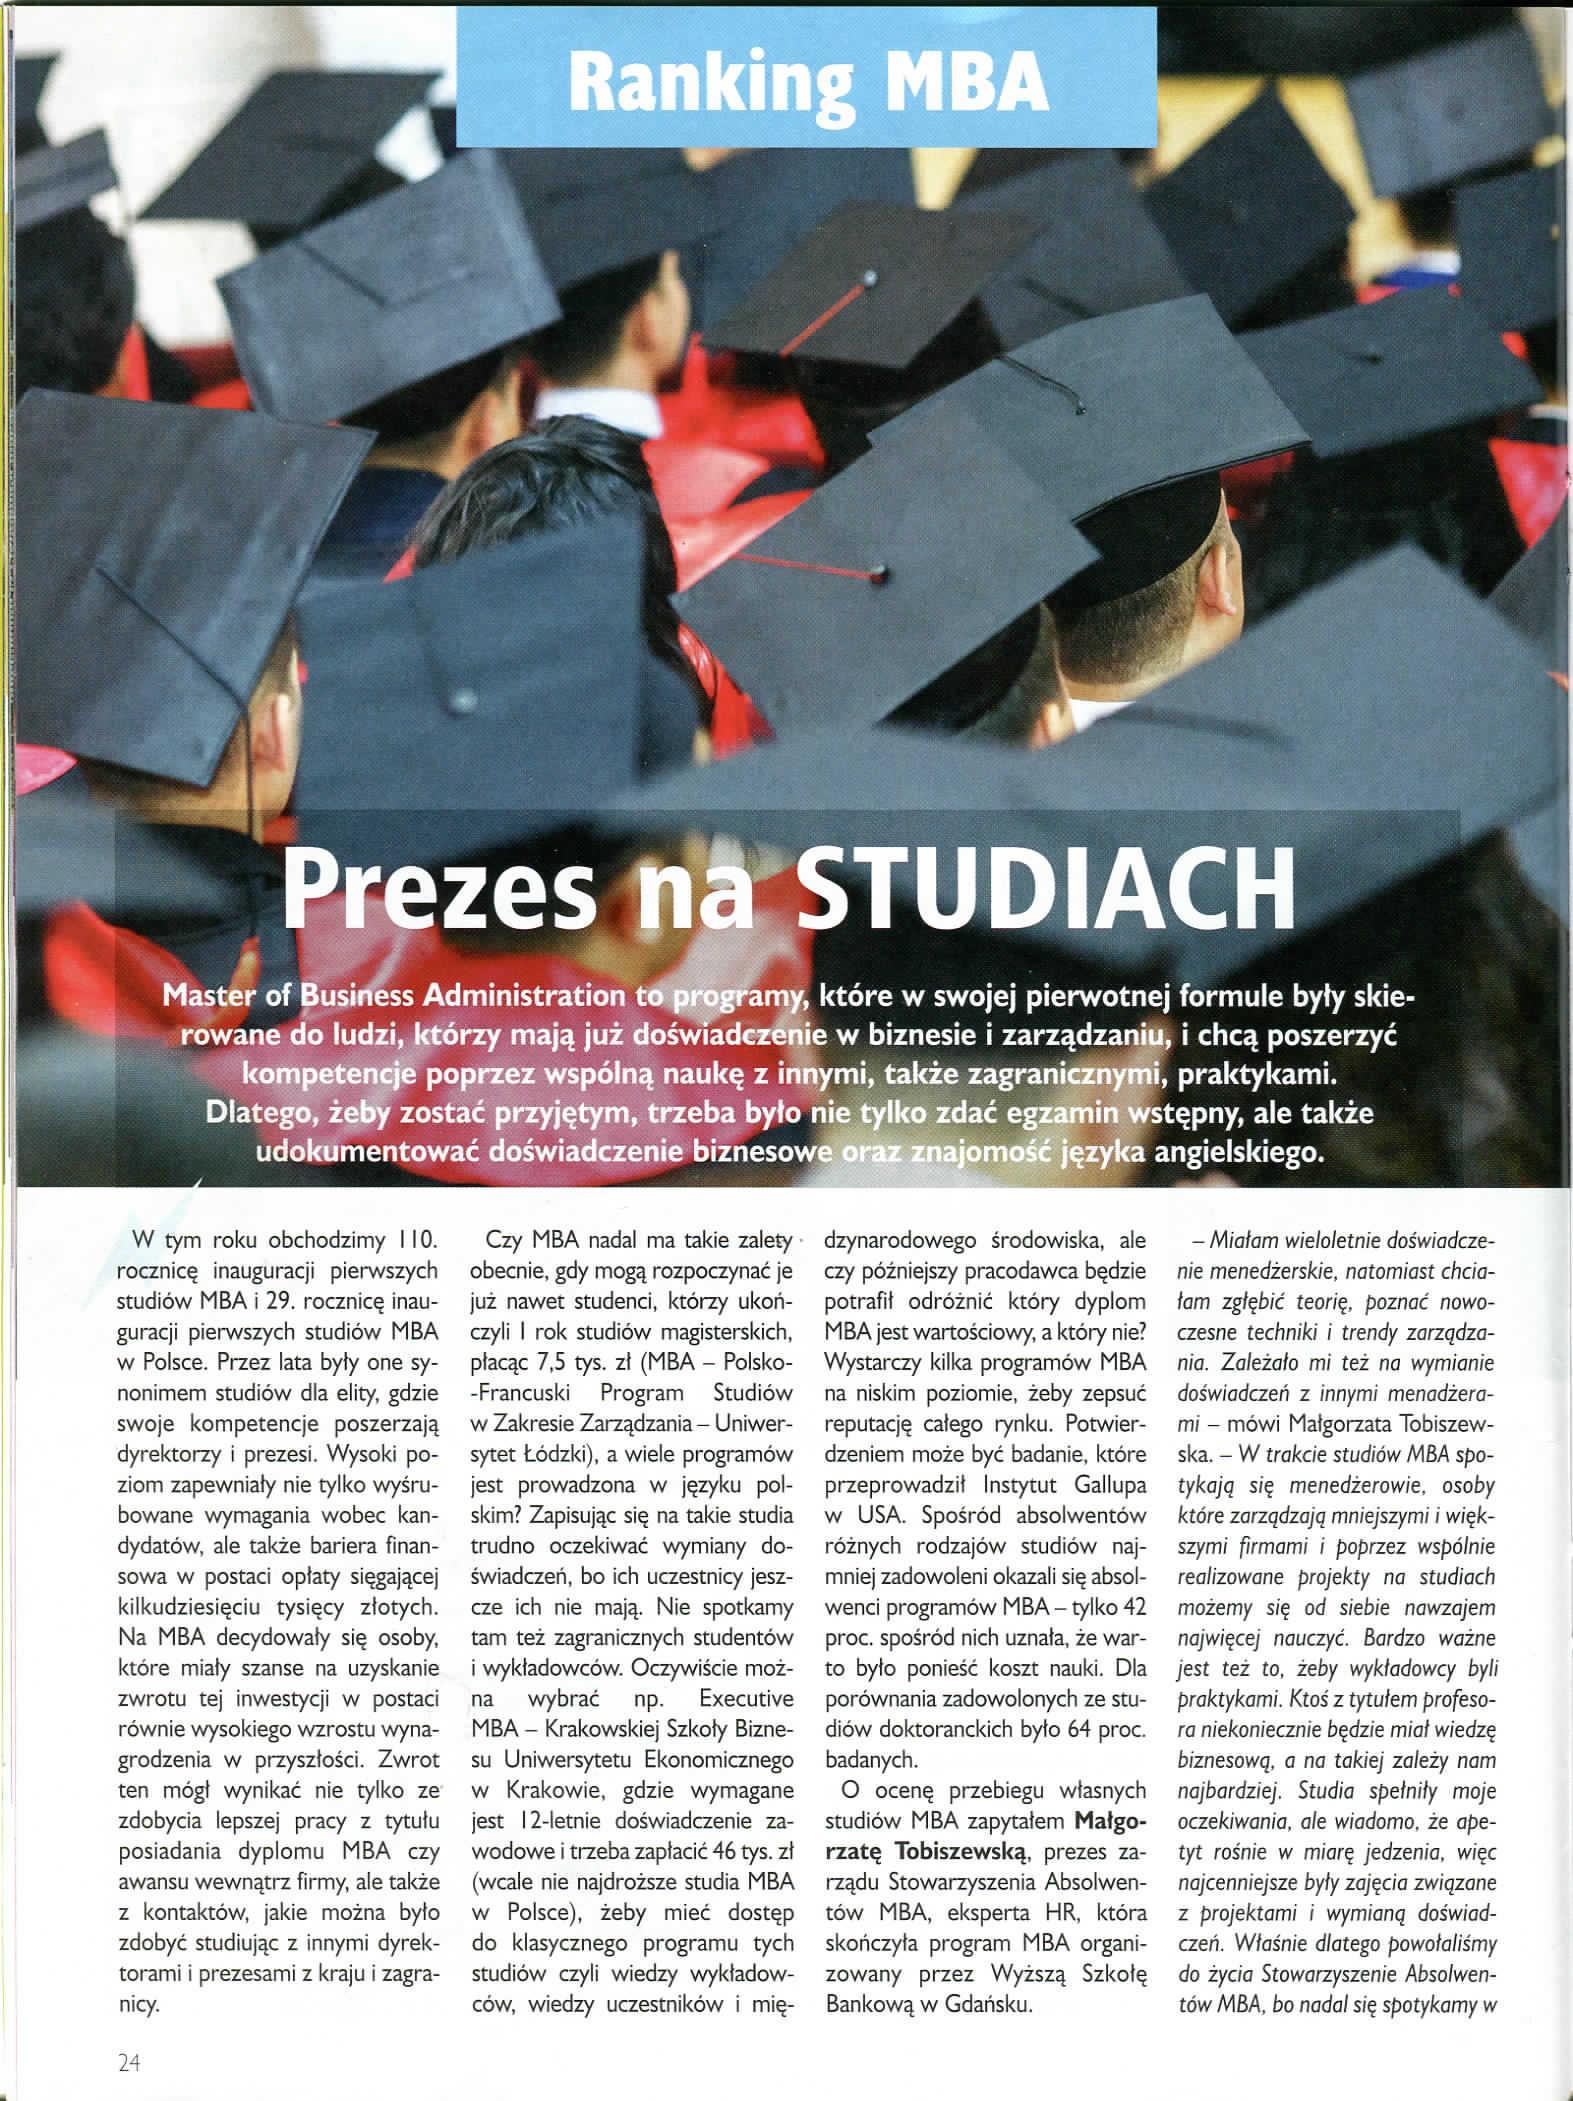 2018.07-08 Perspektywy Ranking MBA_ gfkm w perspektywach przemysław wajda dyrektor mba